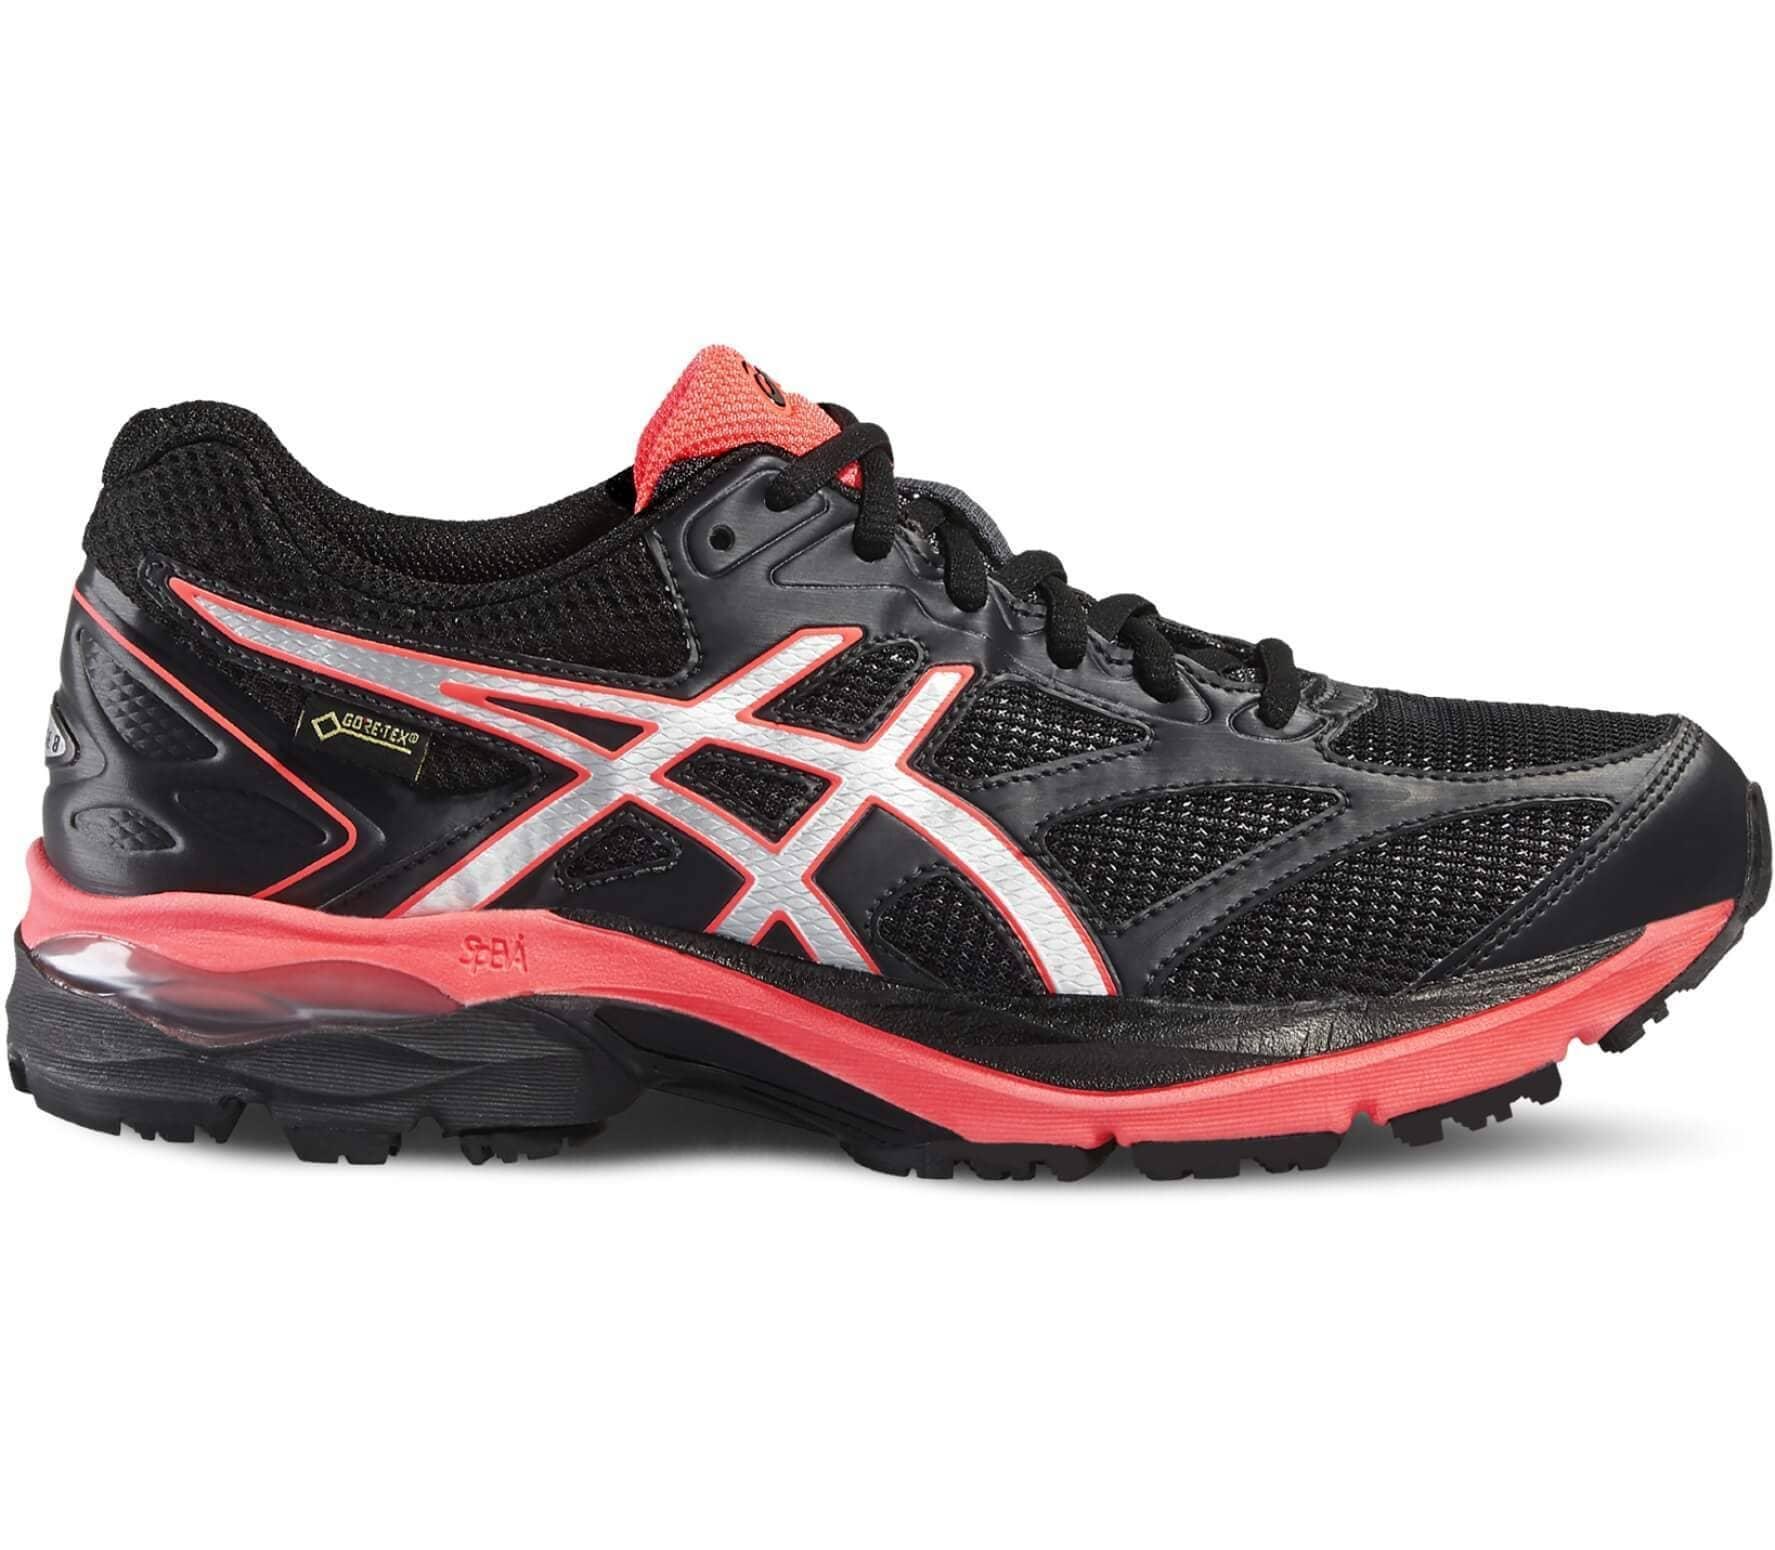 5298f5e3d8 ASICS - Gel-Pulse 8 GTX® zapatillas de running para mujer (negro ...